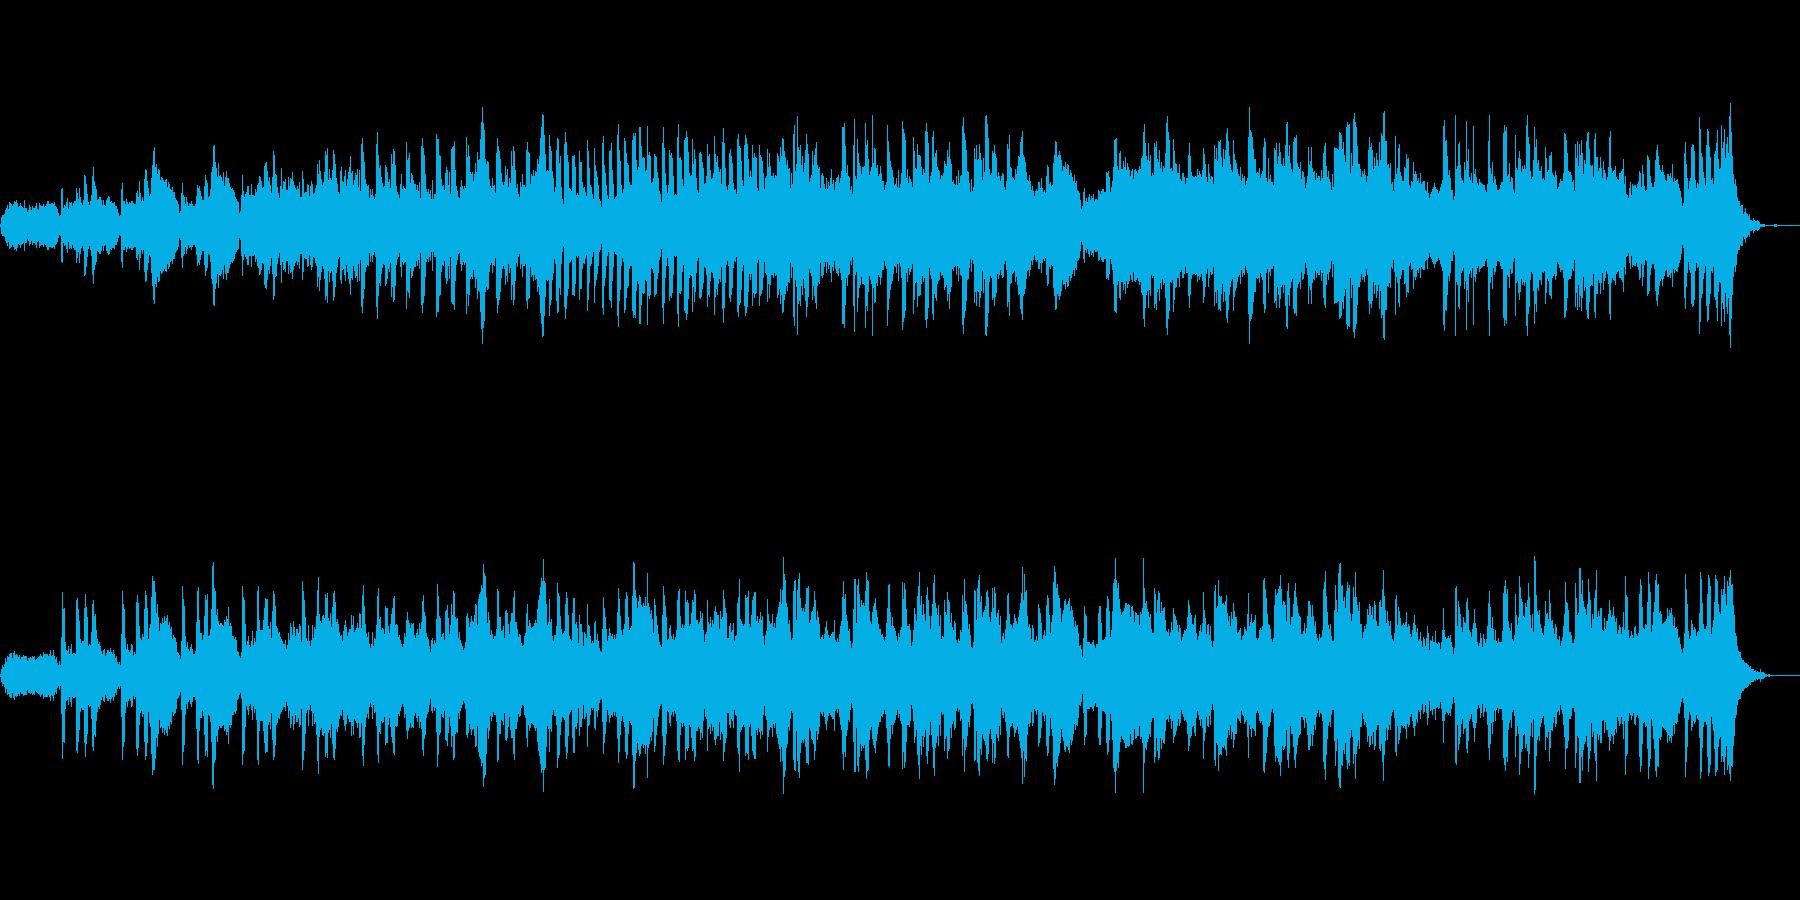 ★シンセサイザーとピアノの神秘的BGMの再生済みの波形